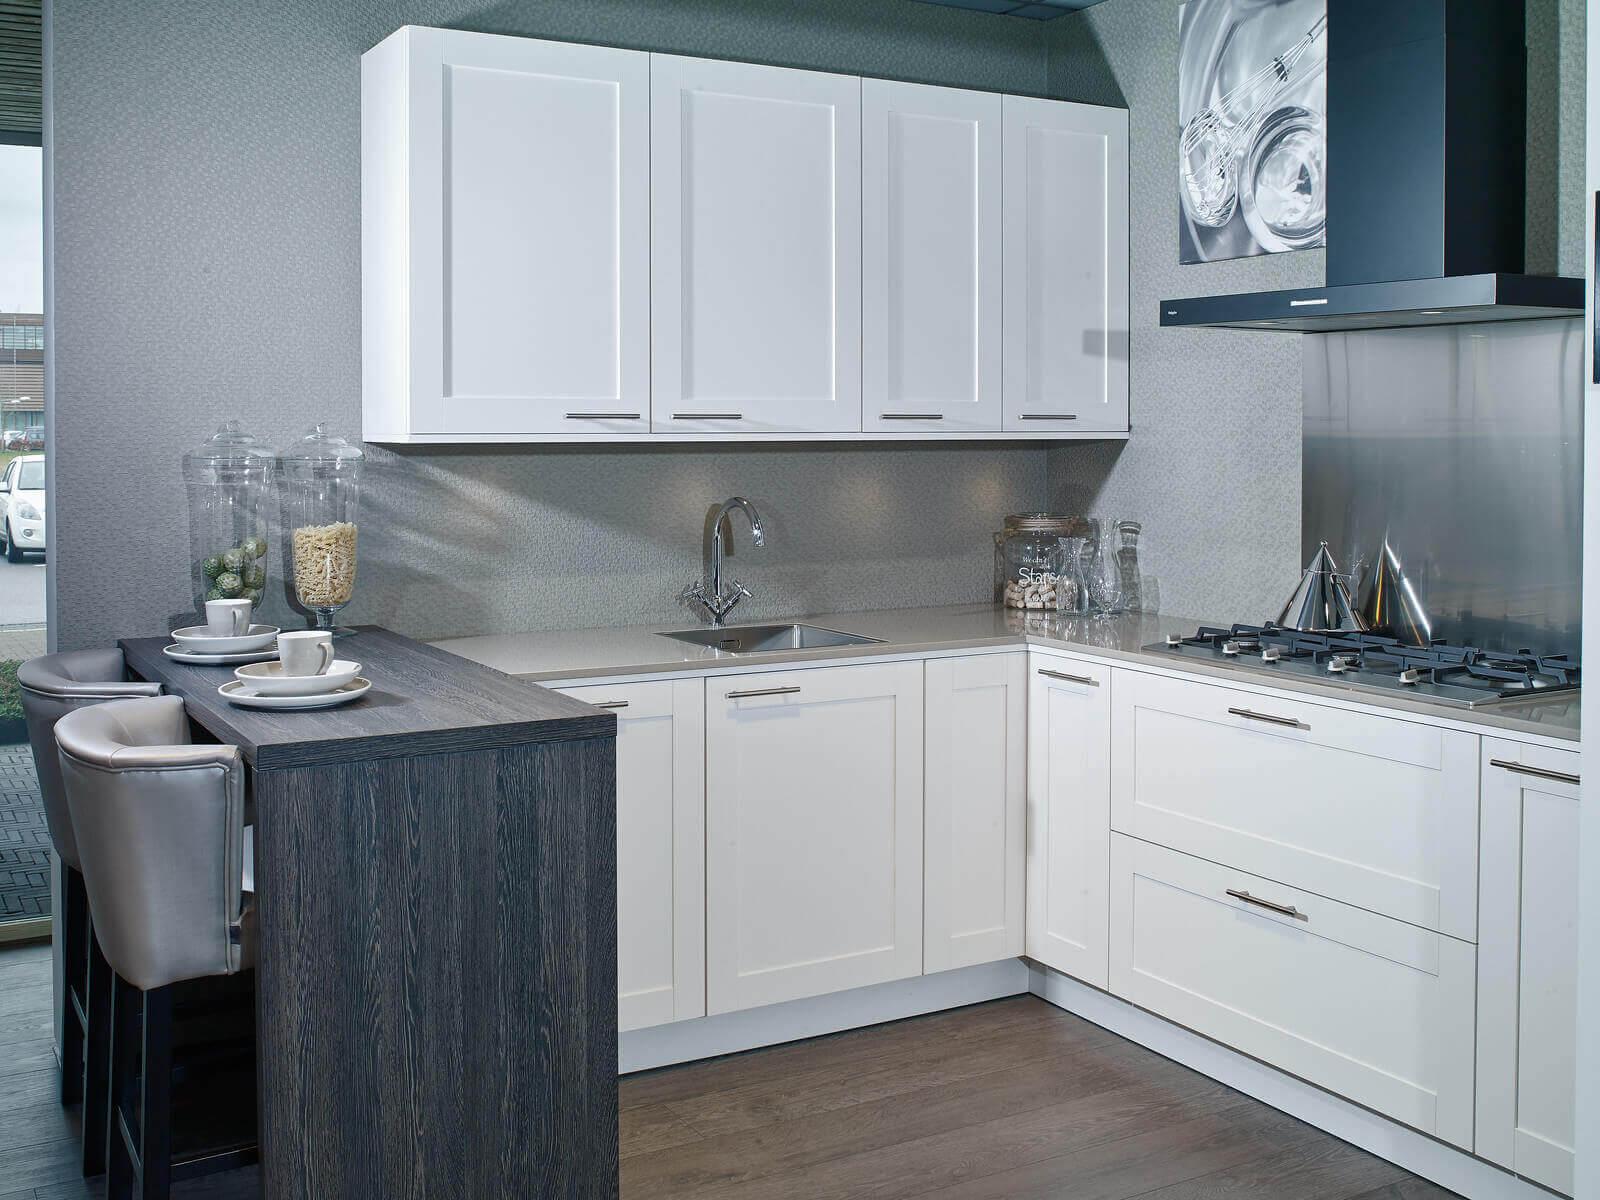 RVS spatscherm in de keuken